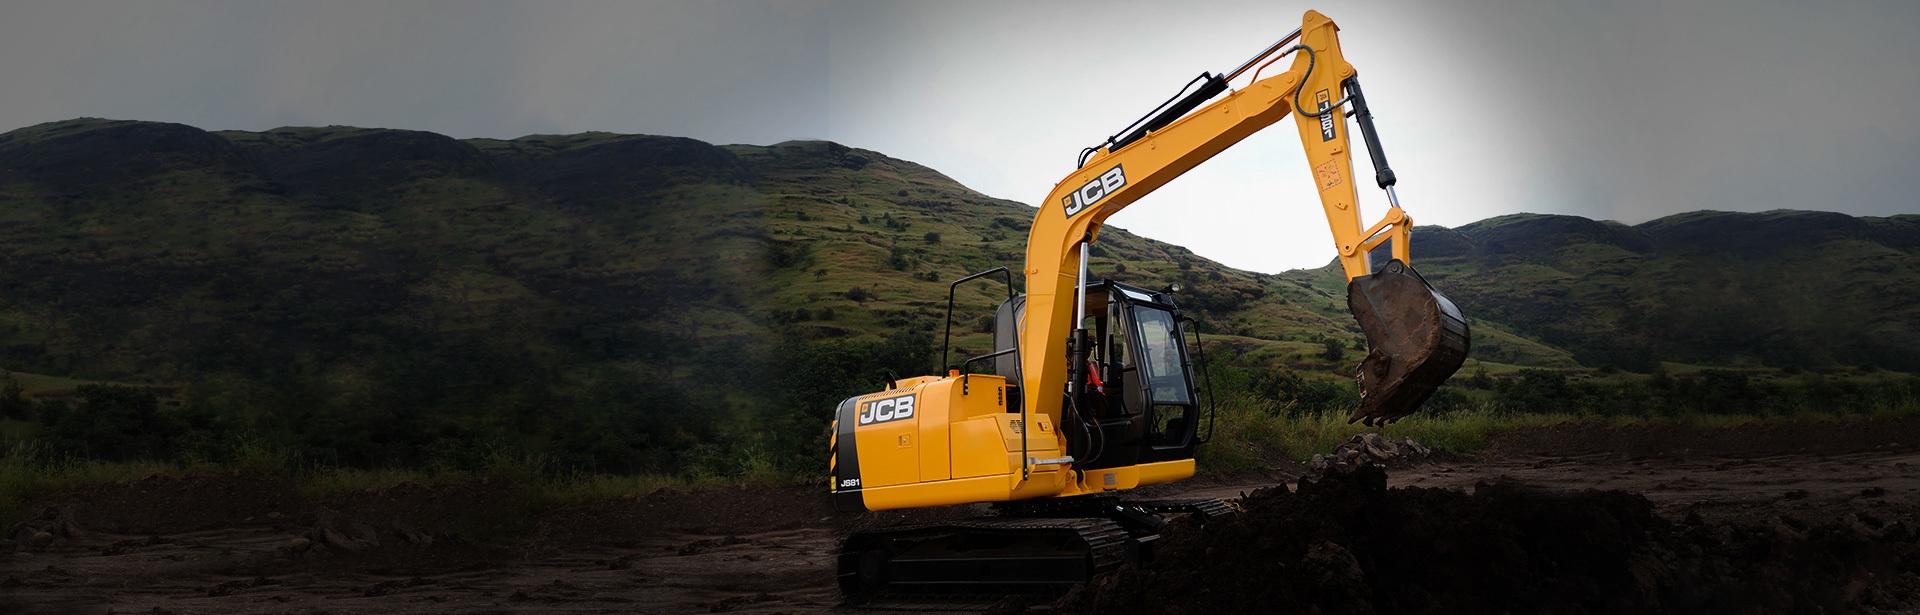 JS81 Tracked Excavators Nepal - MAW JCB